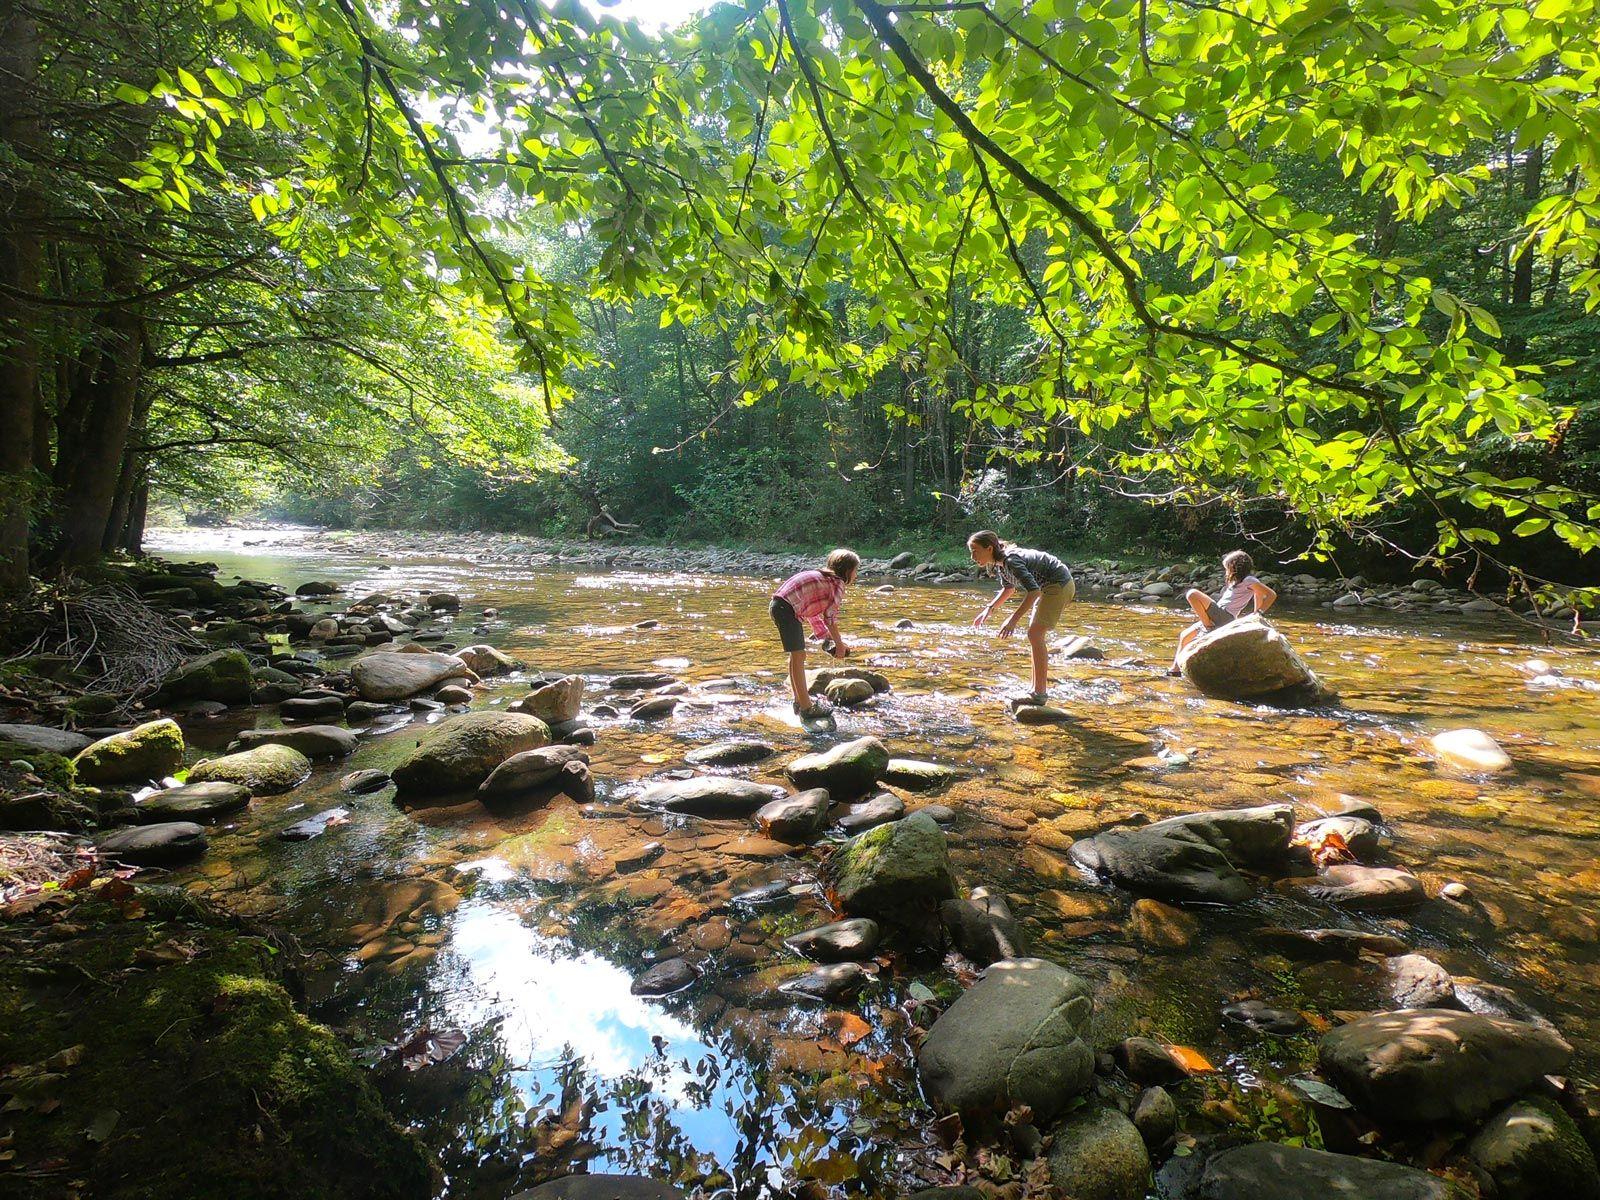 Camping at Black Mountain Campground / North Carolina ...